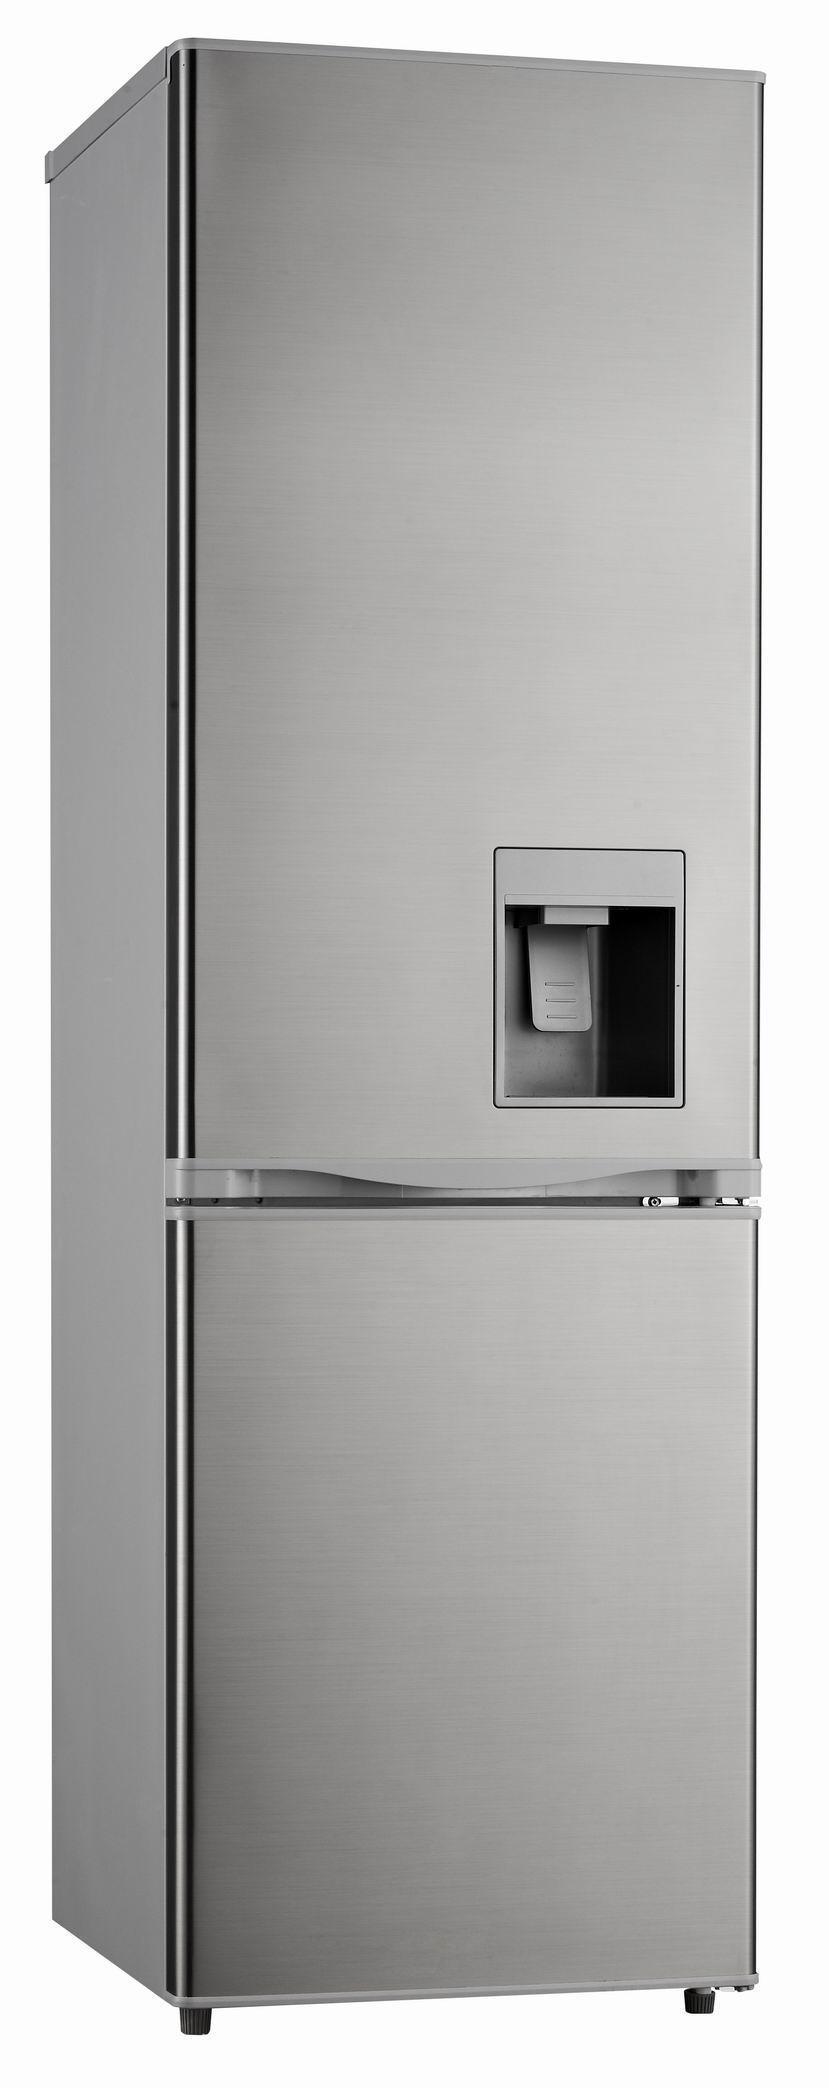 Zuhause Kleine Kühlschrank Mit Wasserspender,Kühlschrank Mit ...